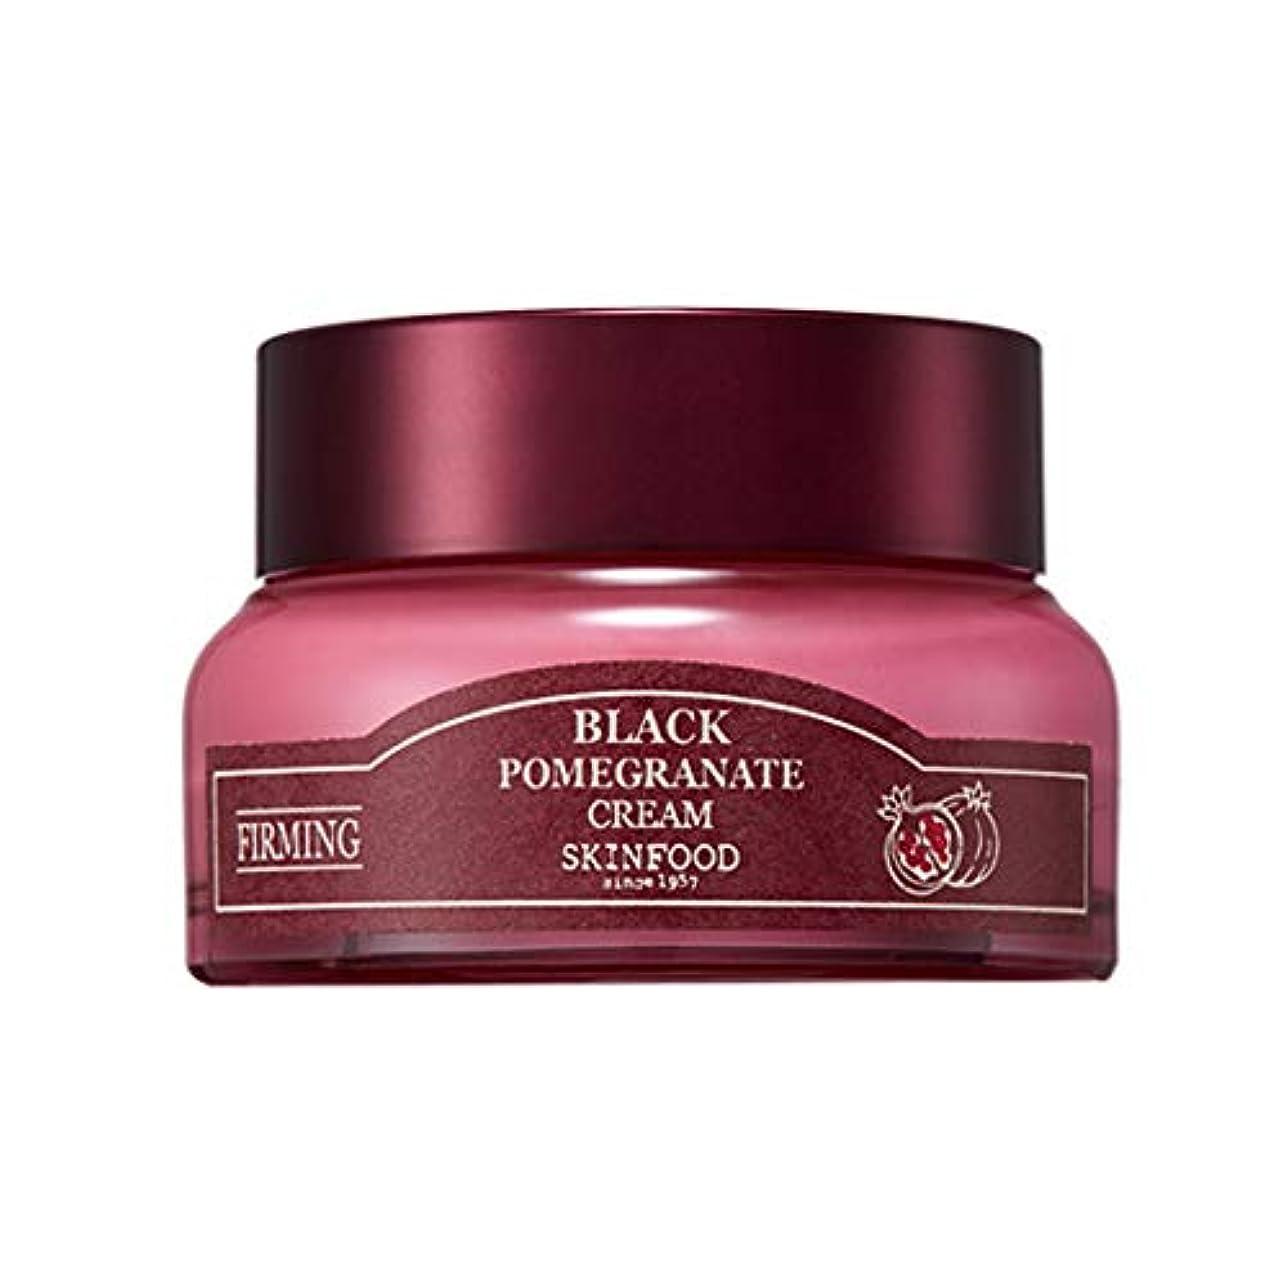 笑い王族滝[リニューアル] スキンフード 黒ザクロ クリーム 54ml / SKINFOOD Black Pomegranate Cream 54ml [並行輸入品]